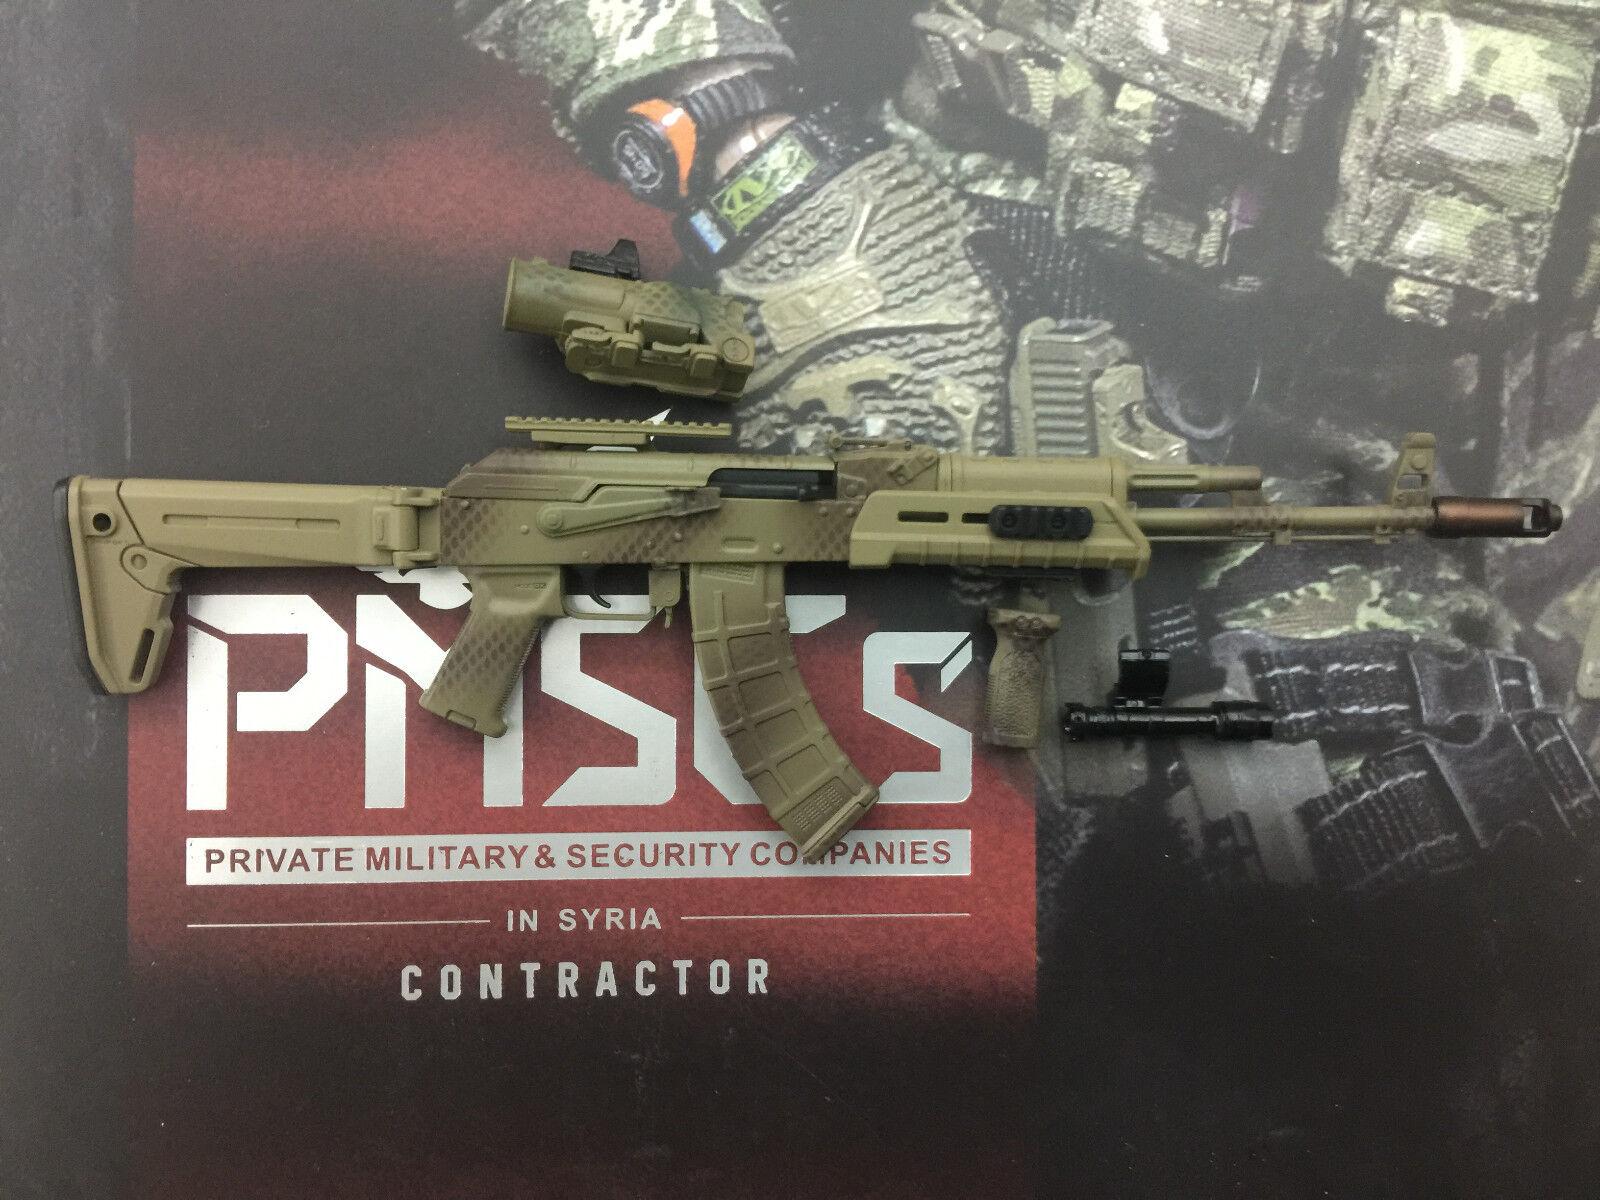 Damgiocattoli 78041 Private Contractors in Syria PMCs -  1 6th Rifle set  negozi al dettaglio